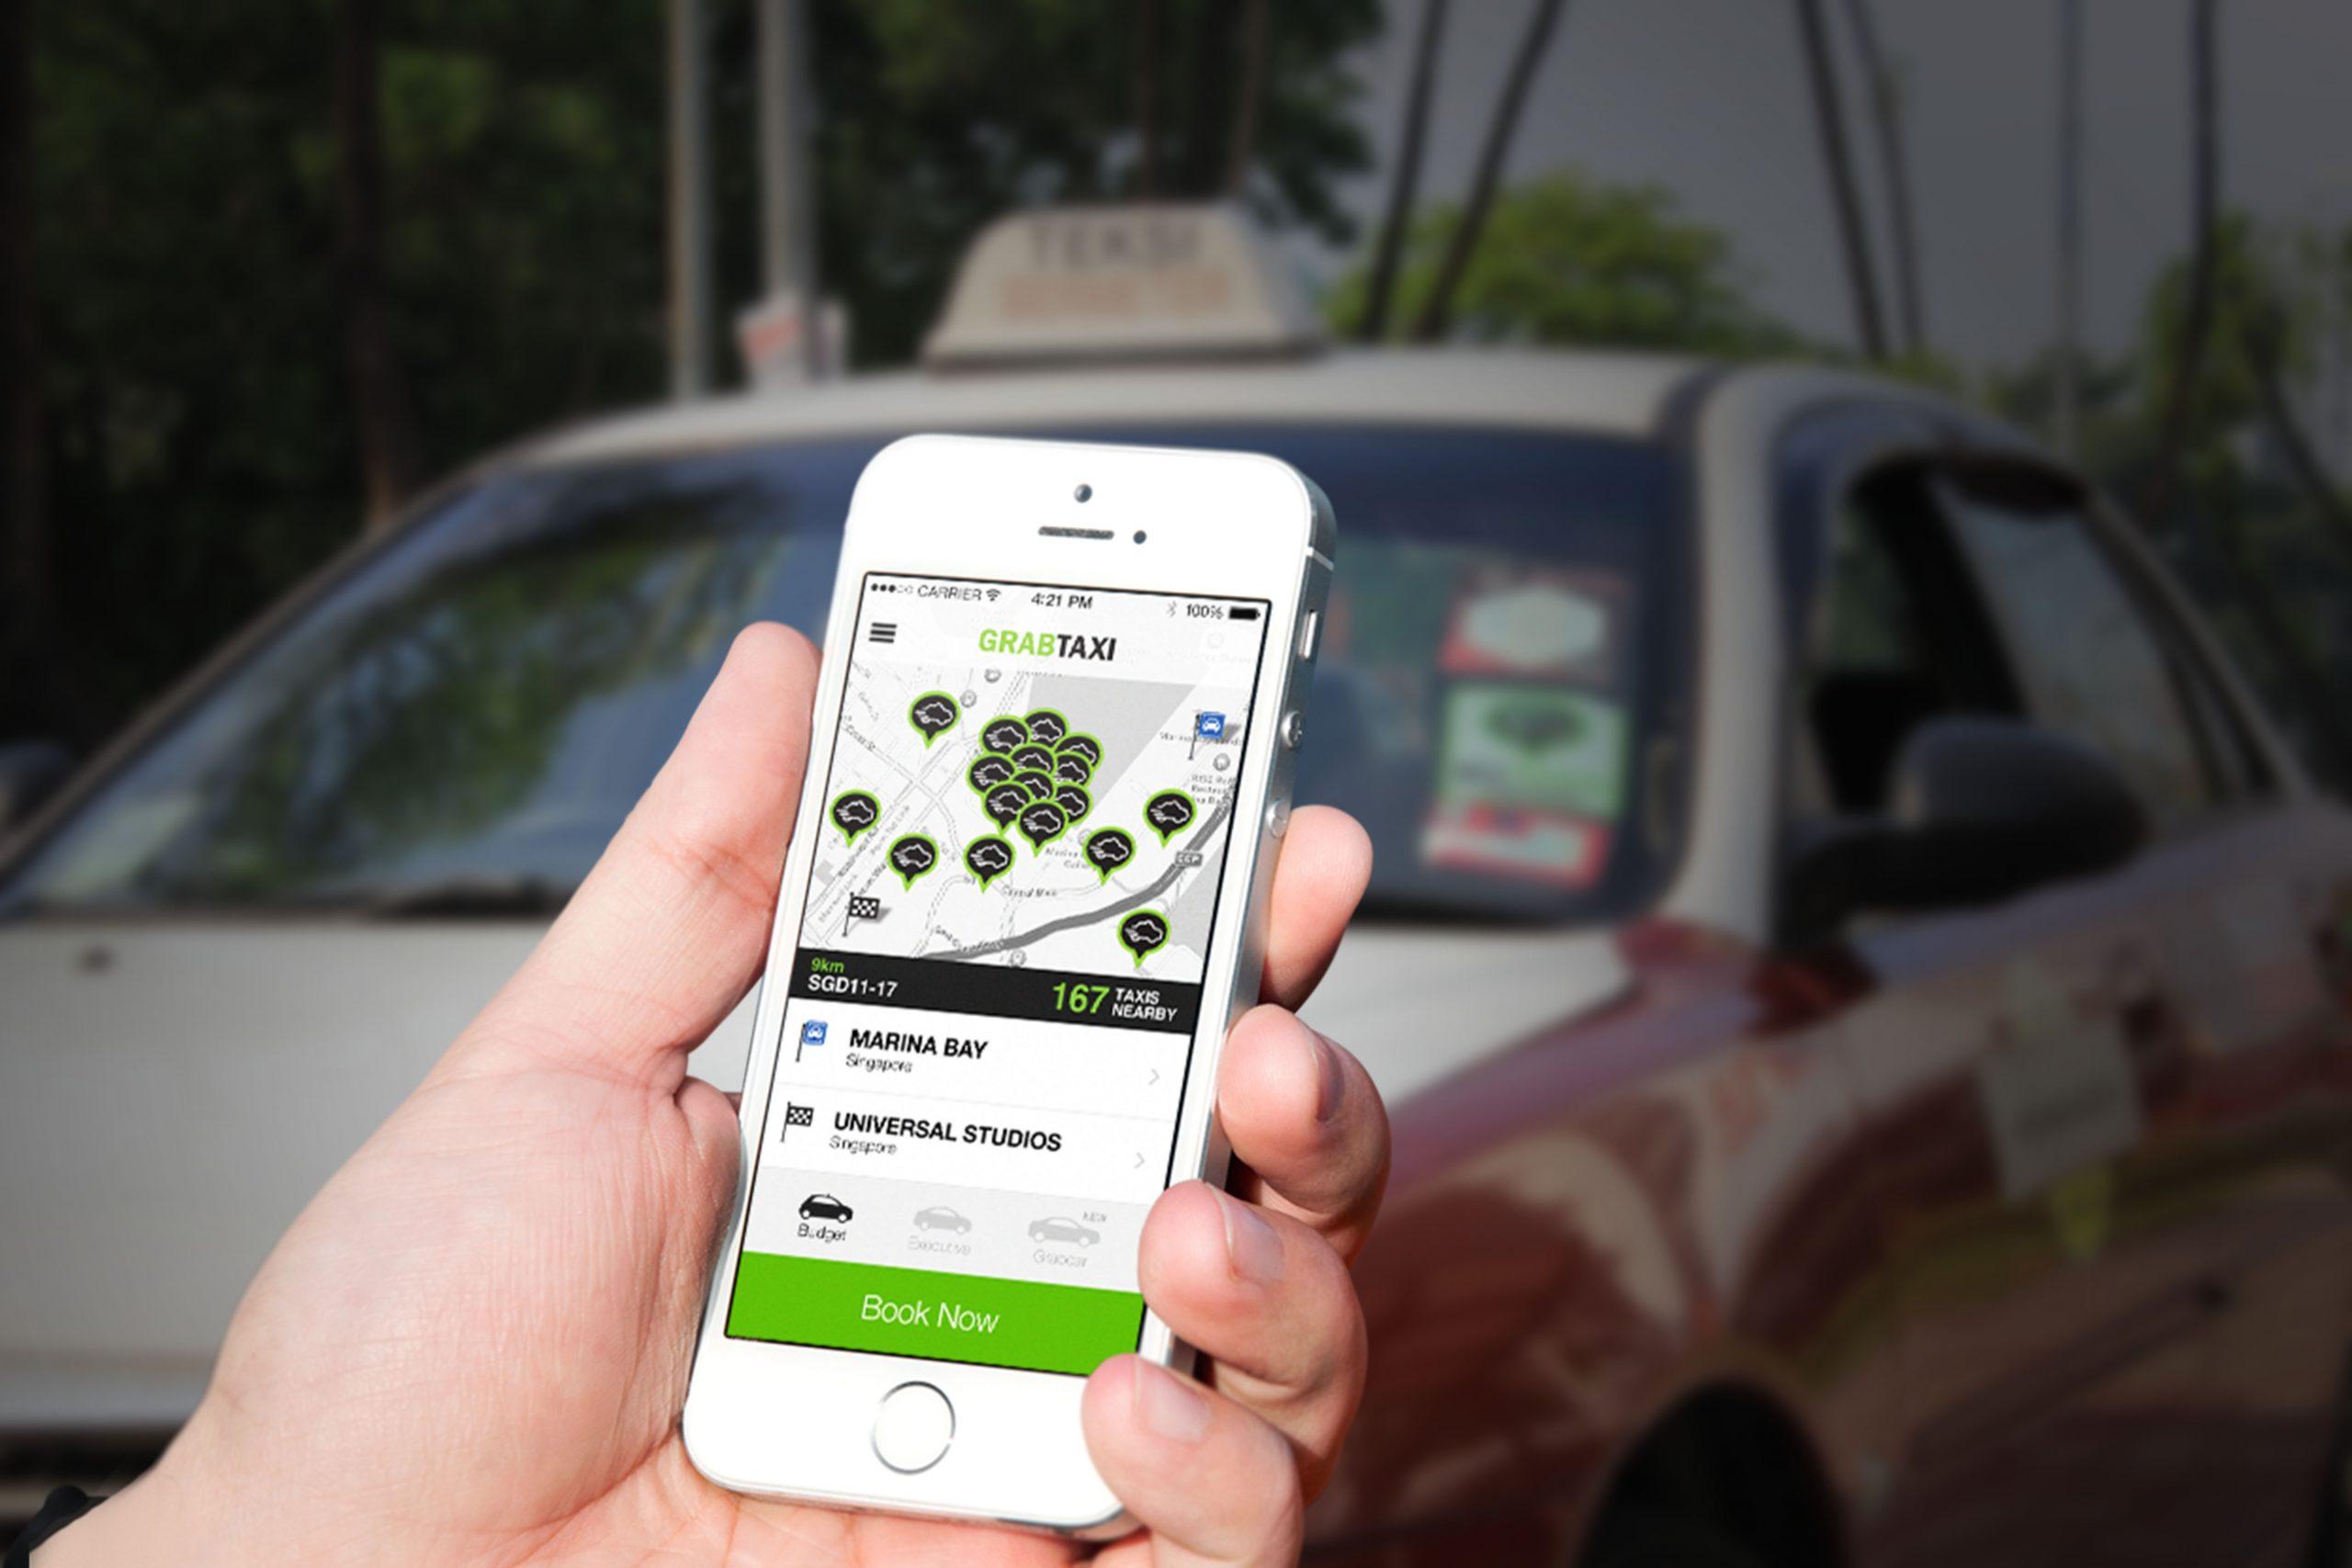 صورة شركة Grab تتلقي استثماراً بقيمة 850 مليون دولار لتطوير تطبيقها وخدمات المالية